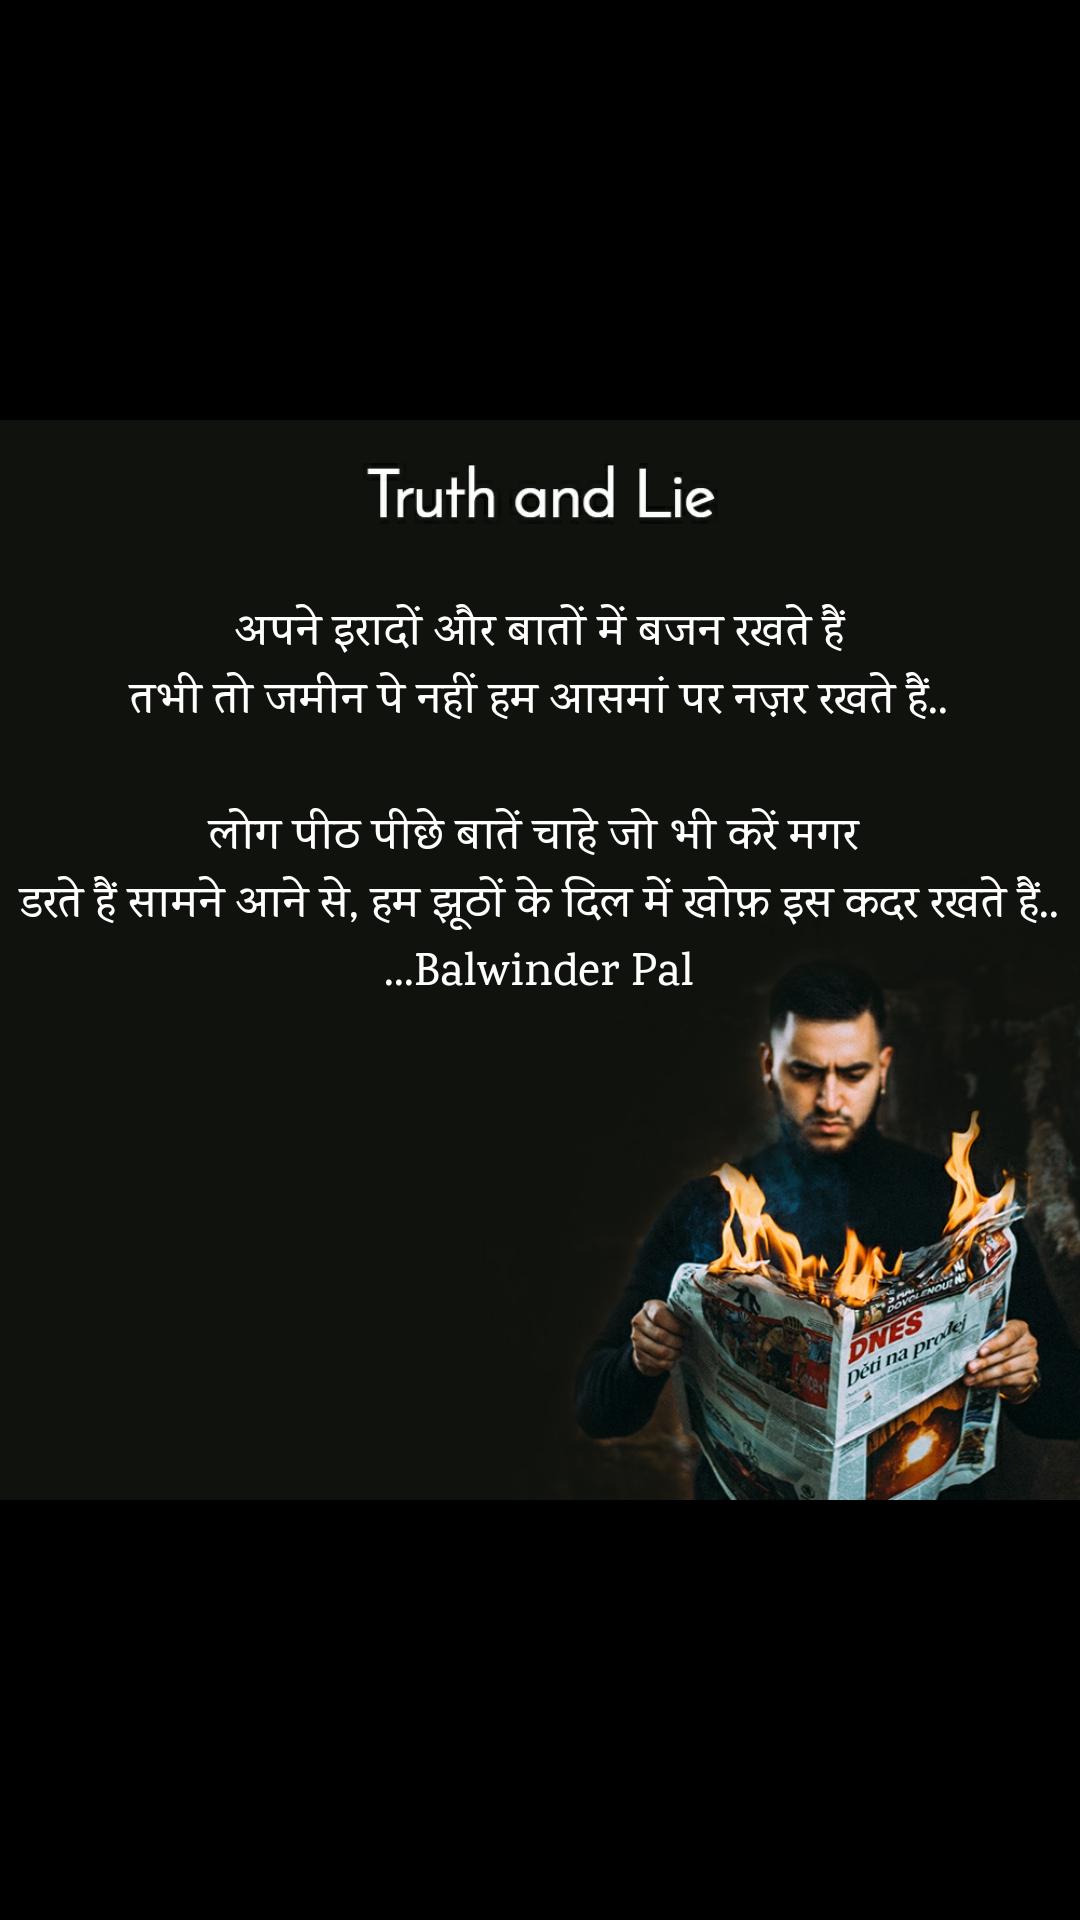 Truth and Lie अपने इरादों और बातों में बजन रखते हैं तभी तो जमीन पे नहीं हम आसमां पर नज़र रखते हैं..  लोग पीठ पीछे बातें चाहे जो भी करें मगर  डरते हैं सामने आने से, हम झूठों के दिल में खोफ़ इस कदर रखते हैं.. ...Balwinder Pal